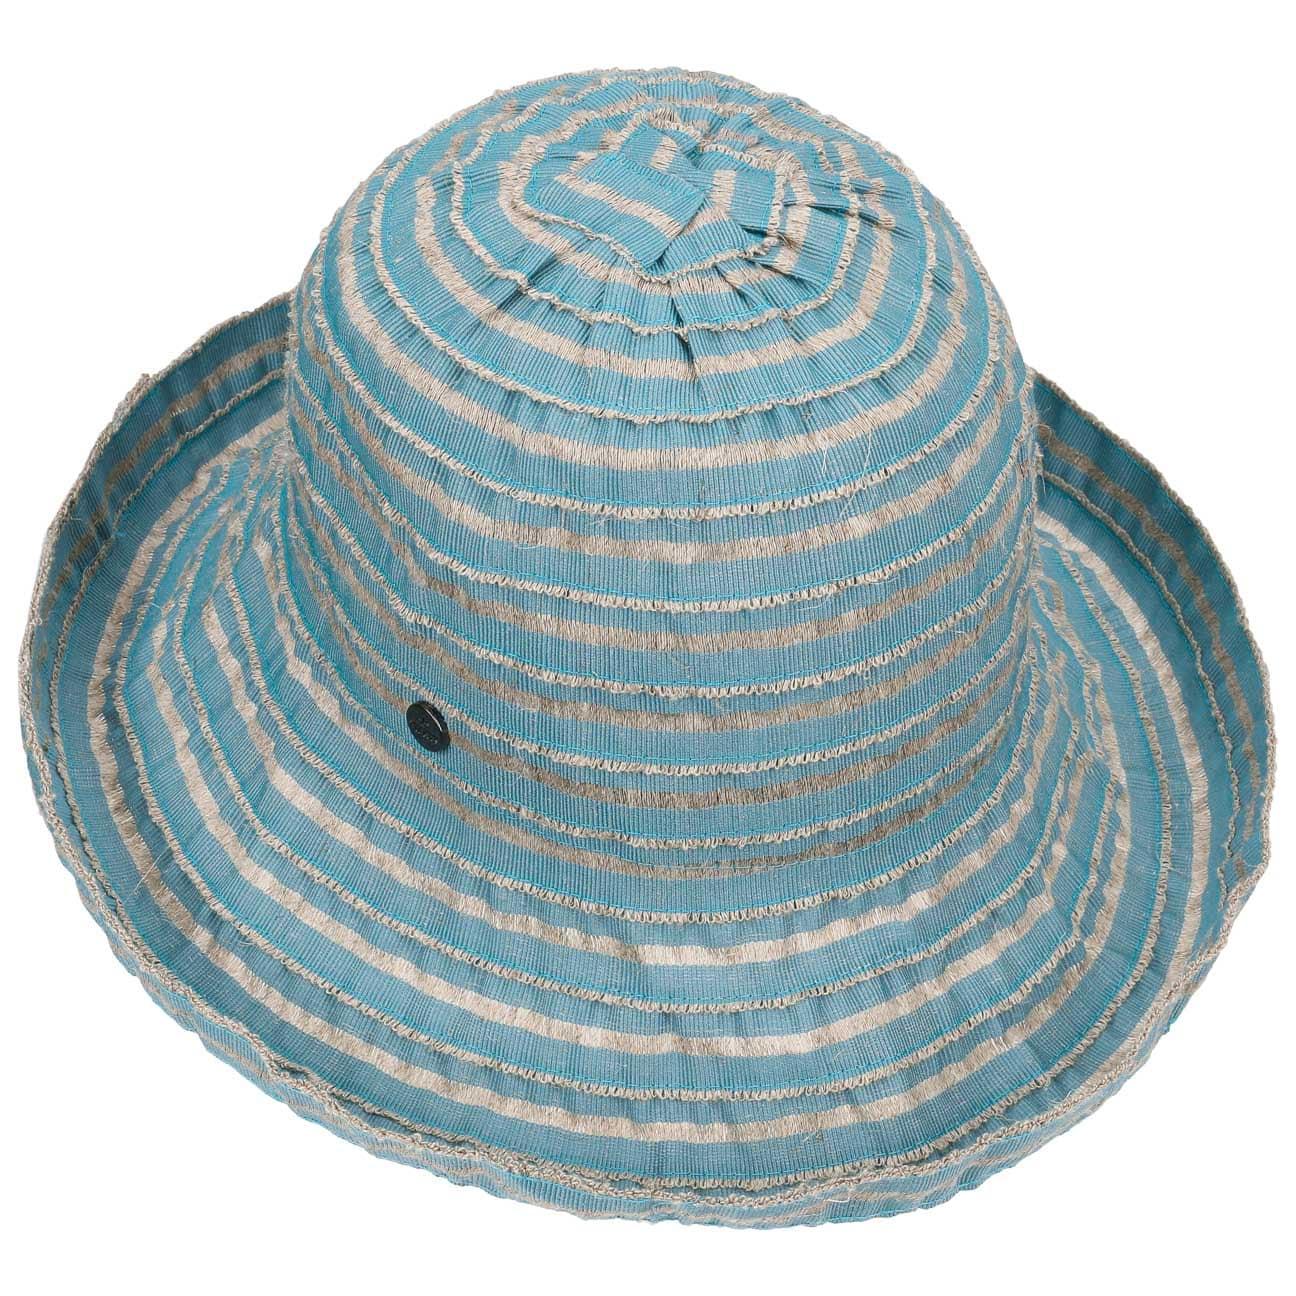 0b8ed0afe00e8 Sombrero de Mujer Moon by Lierys - Sombreros - sombreroshop.es